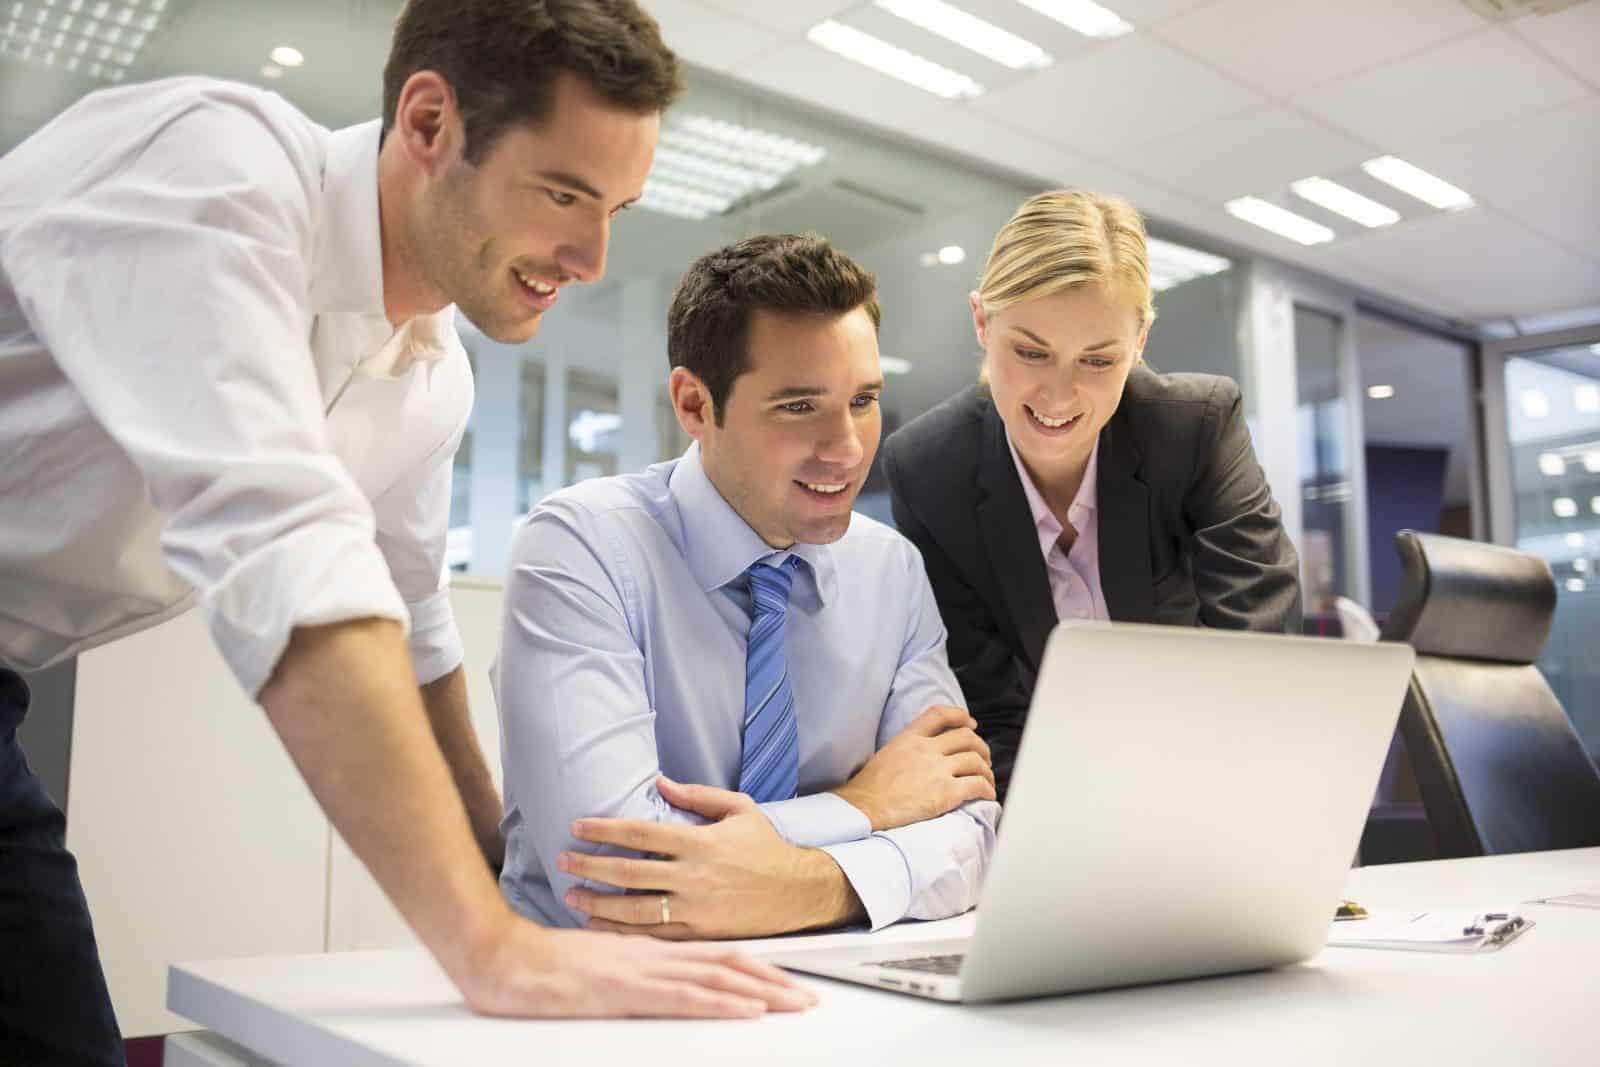 network installation provider